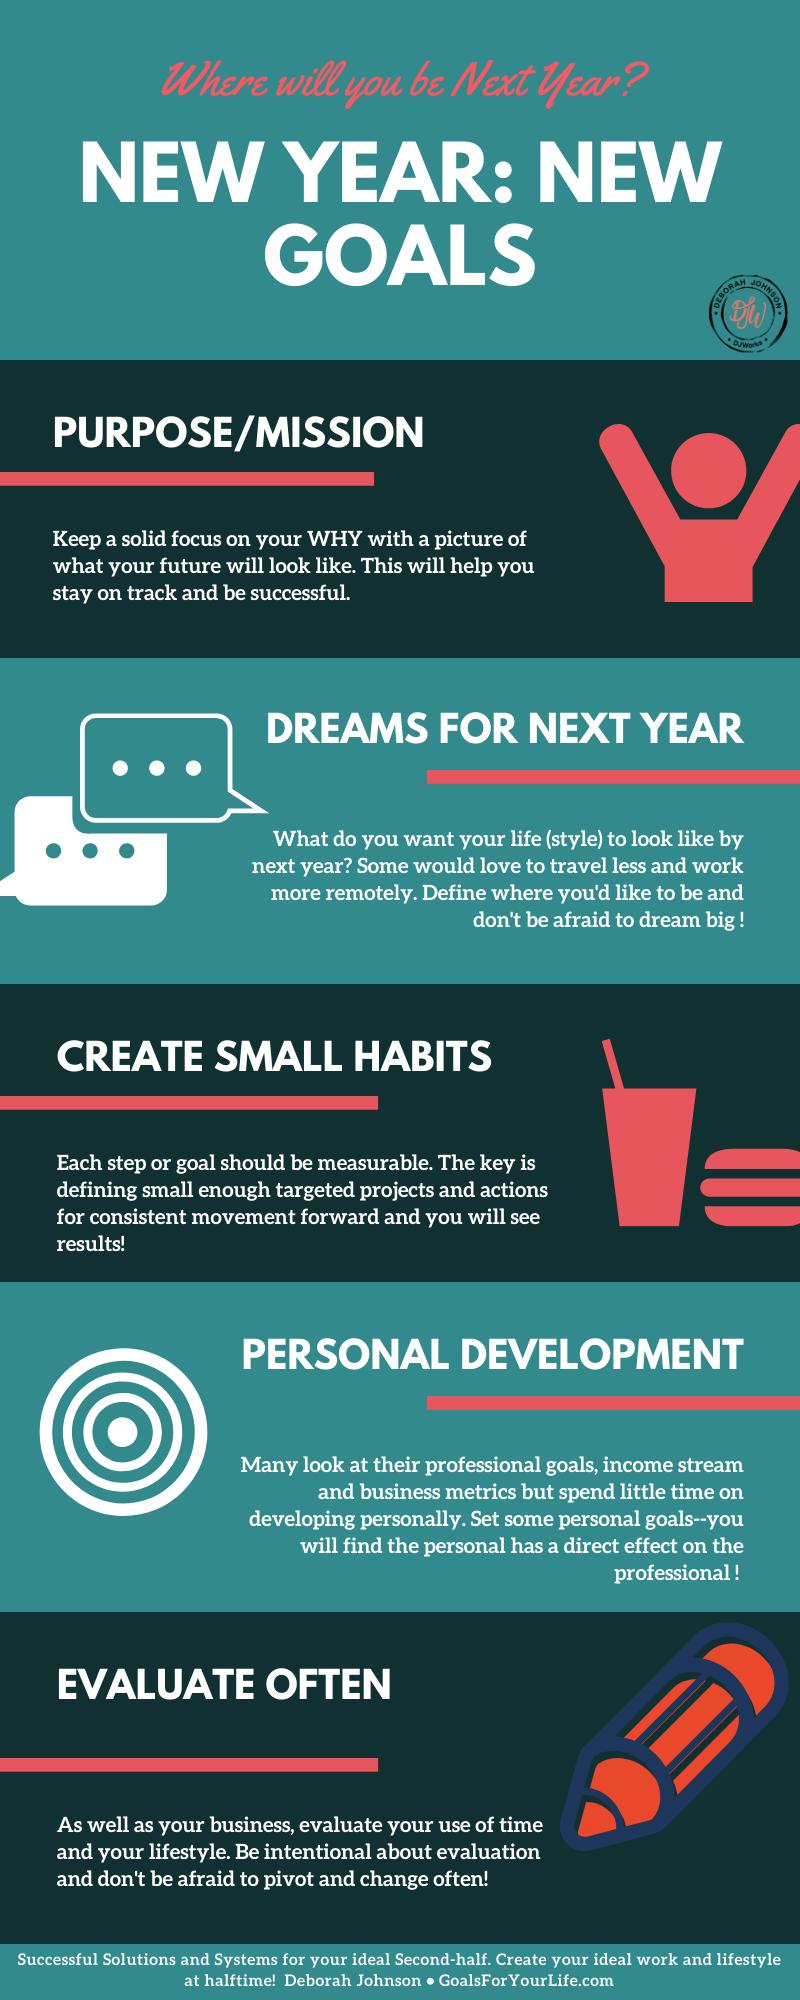 Next Year-New Year Goals